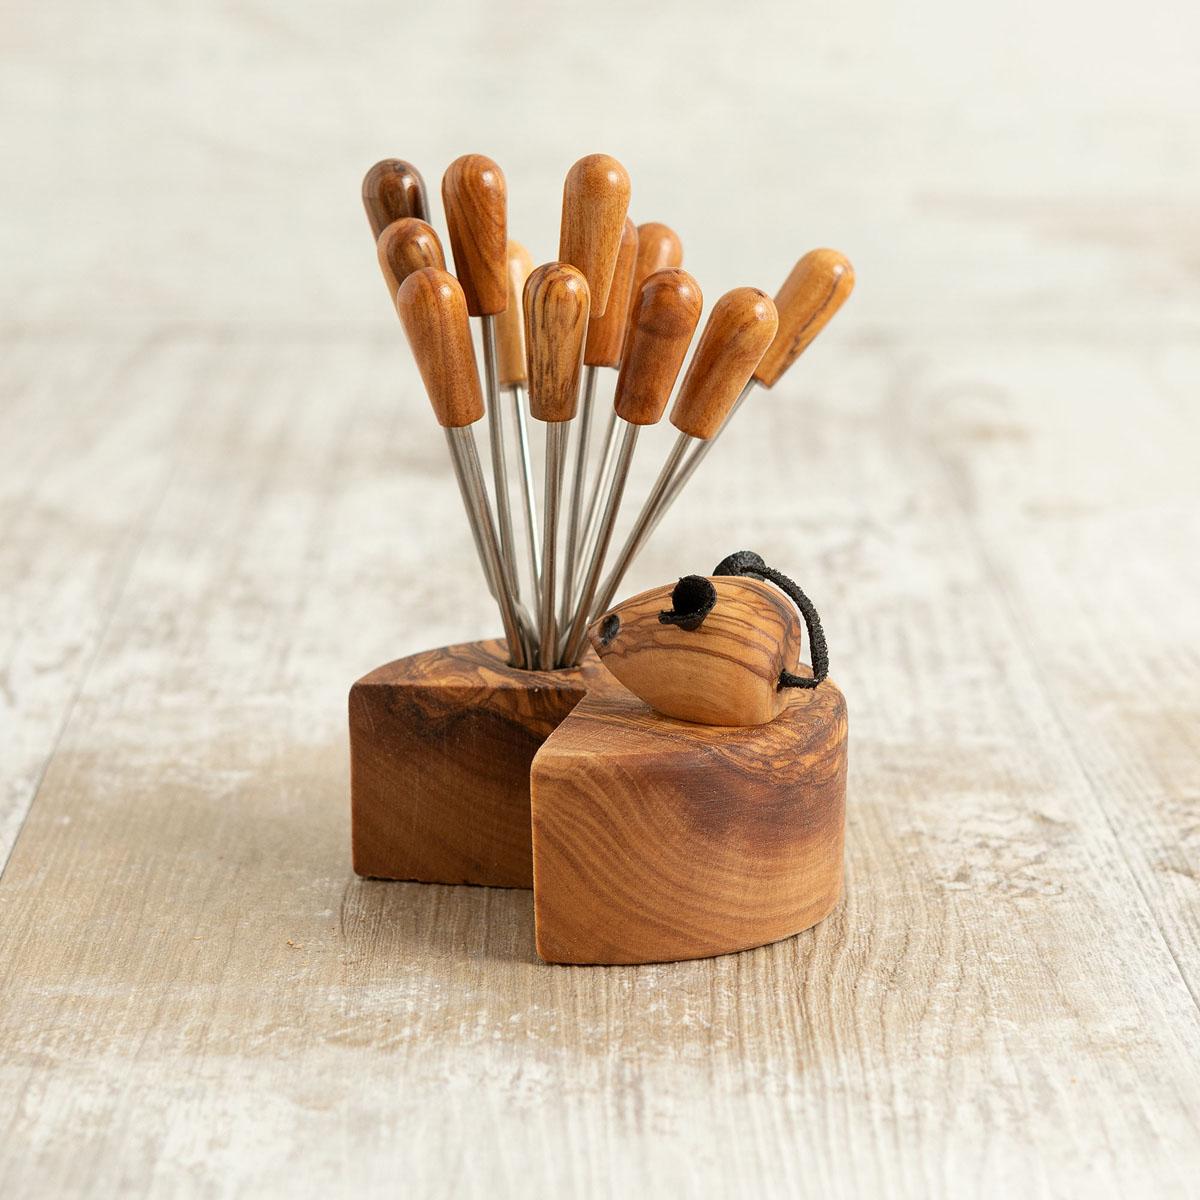 Topo porta forchettine in legno di ulivo | Arte Legno